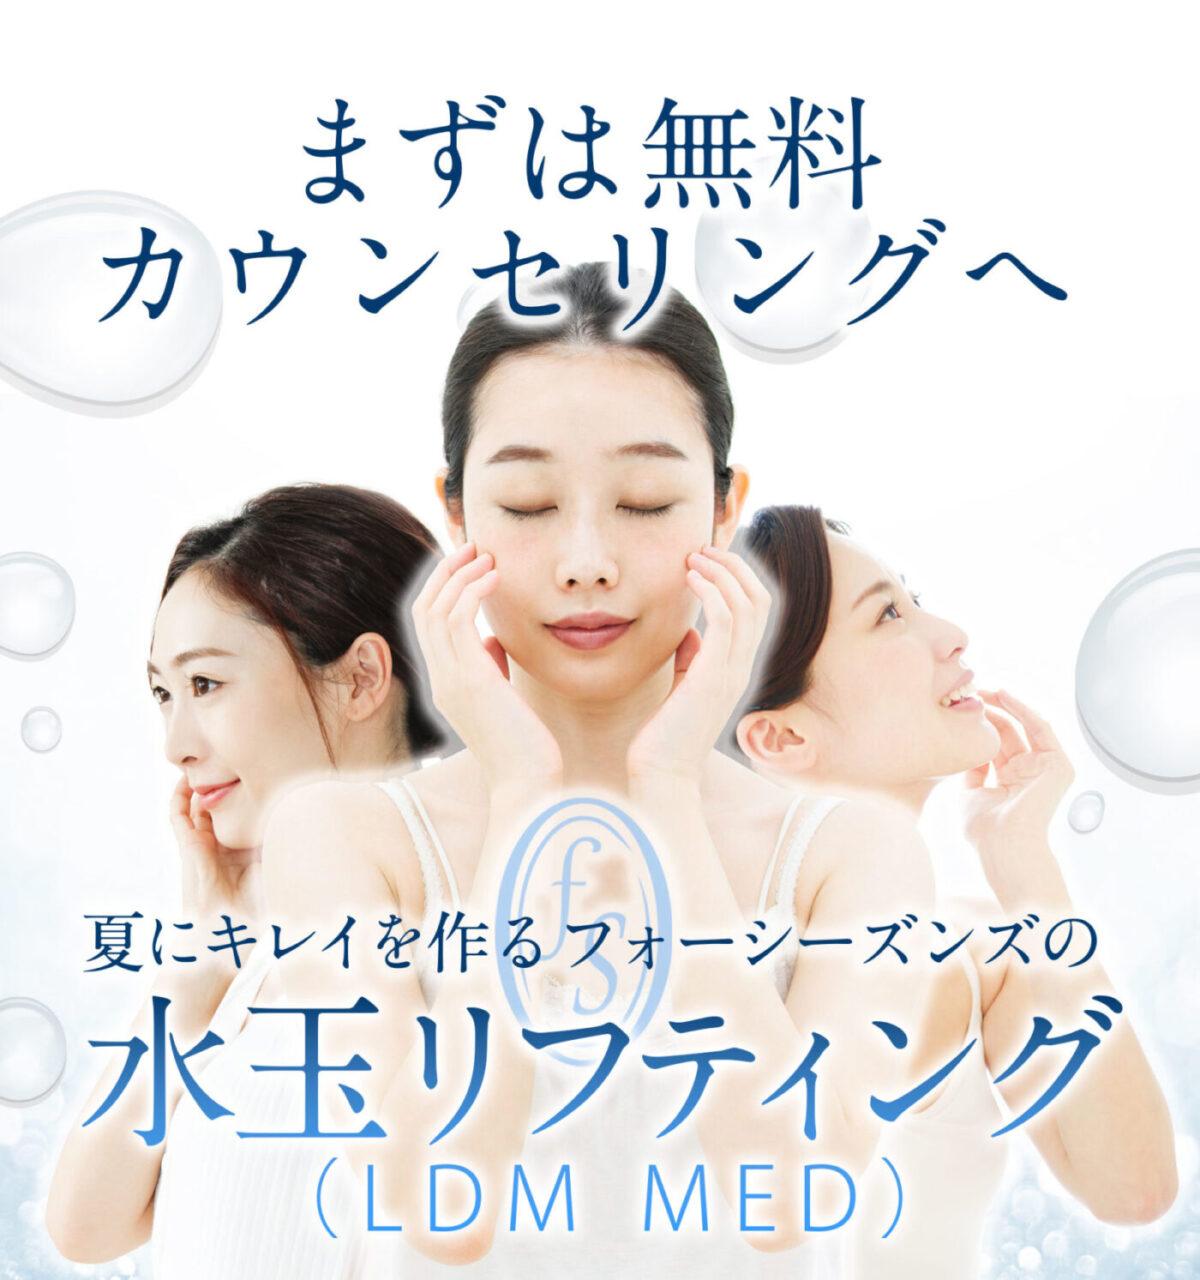 水玉リフティング LDM